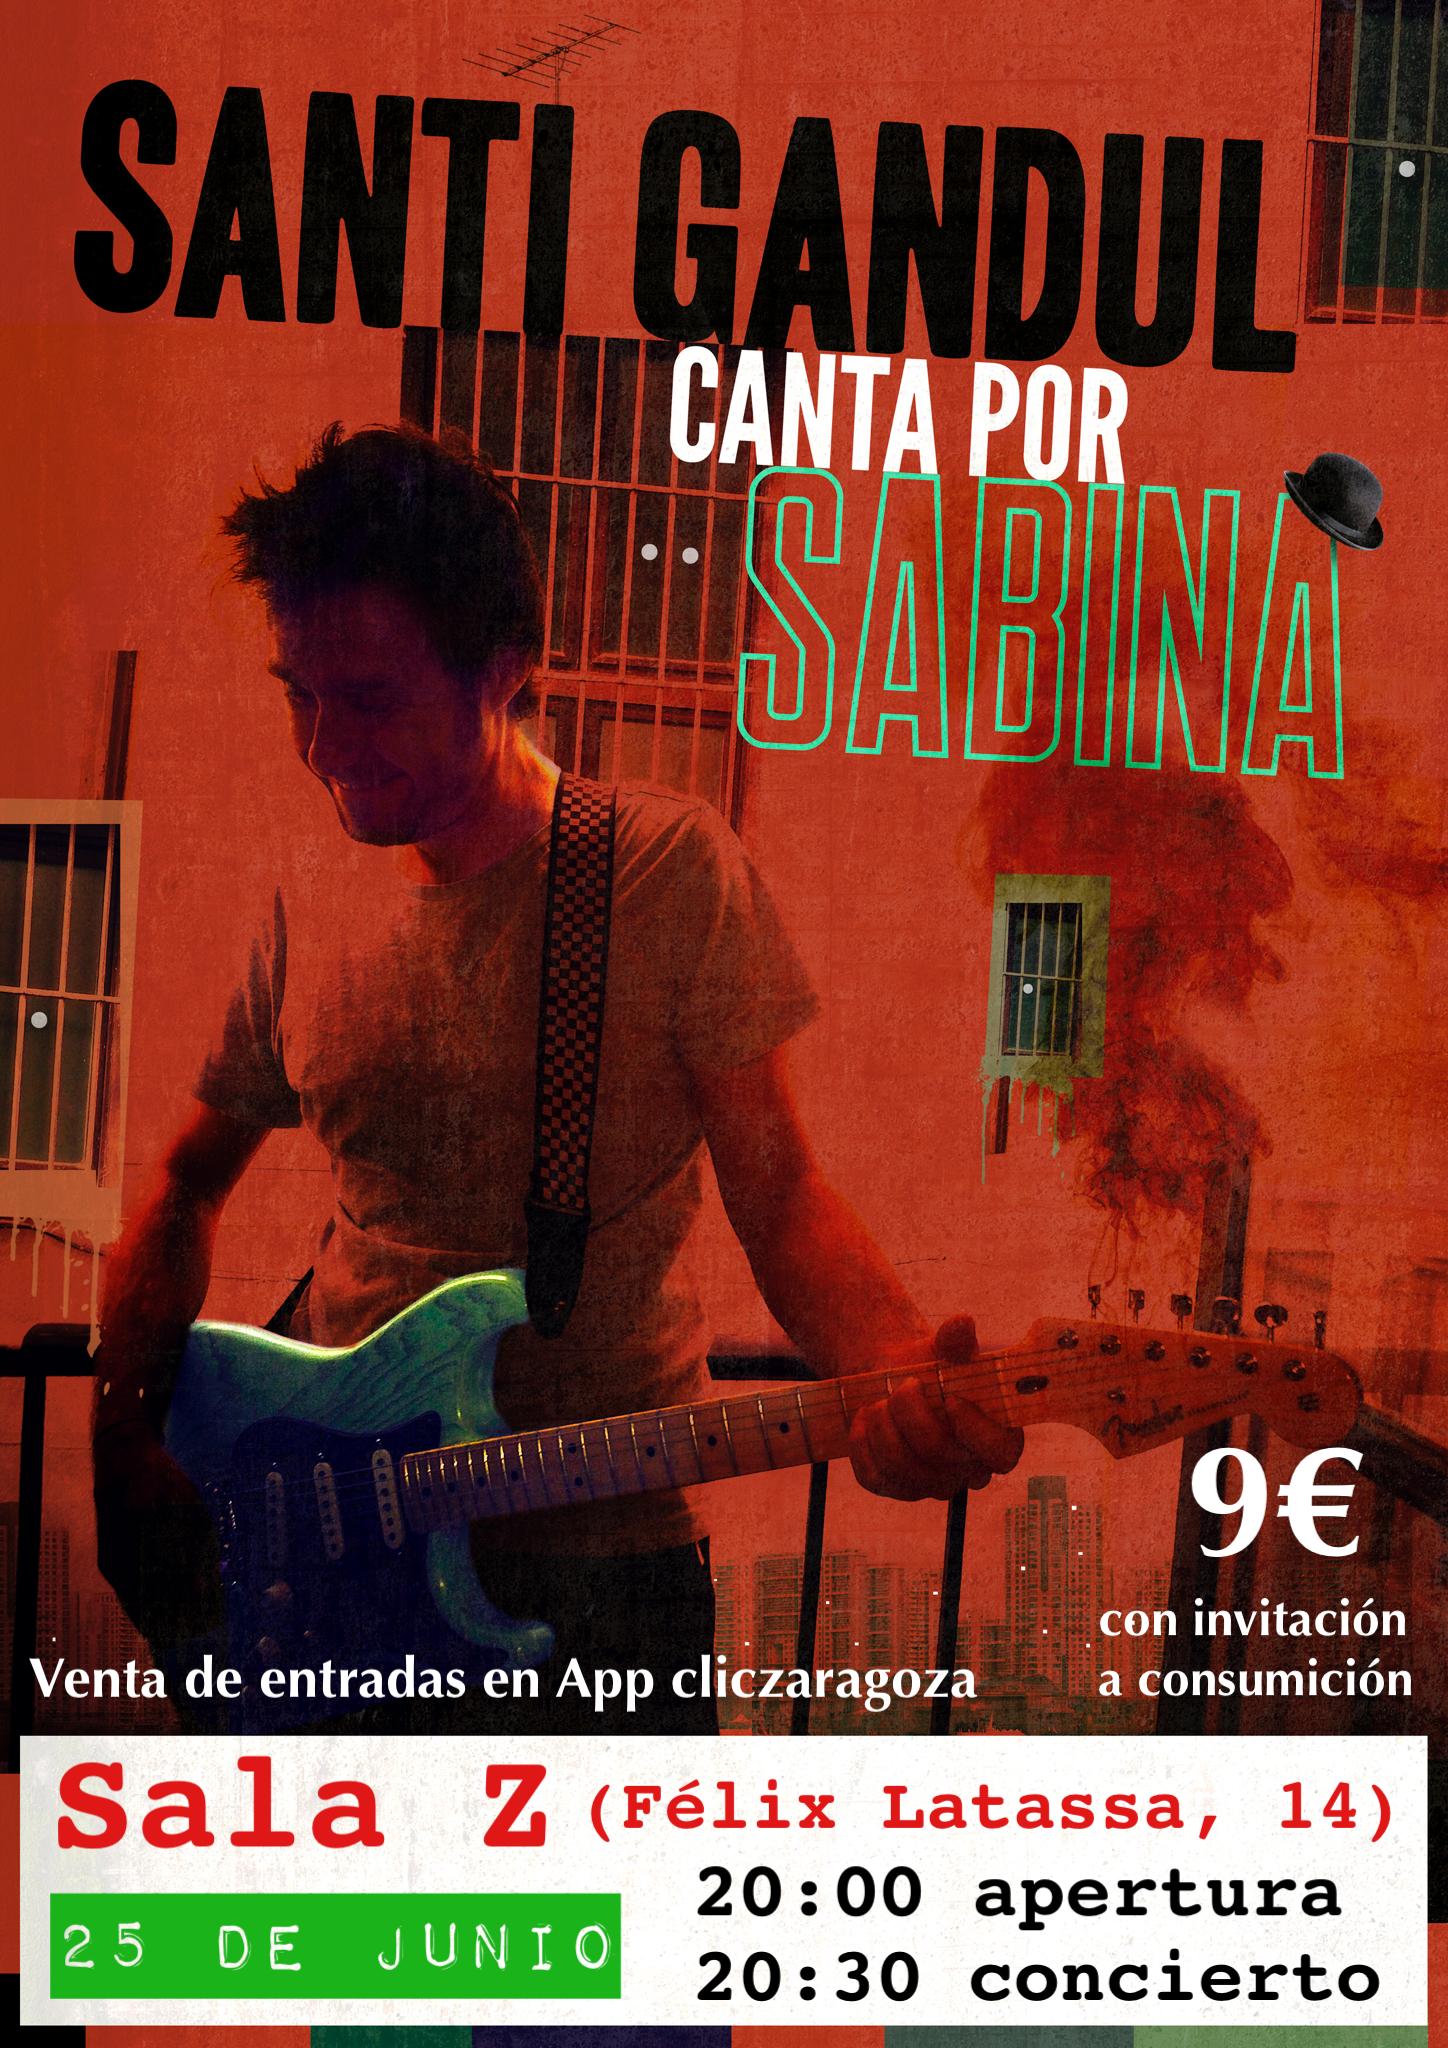 Santi Gandul canta por Sabina. Homenaje a Joaquín Sabina. Sala Z Zgz